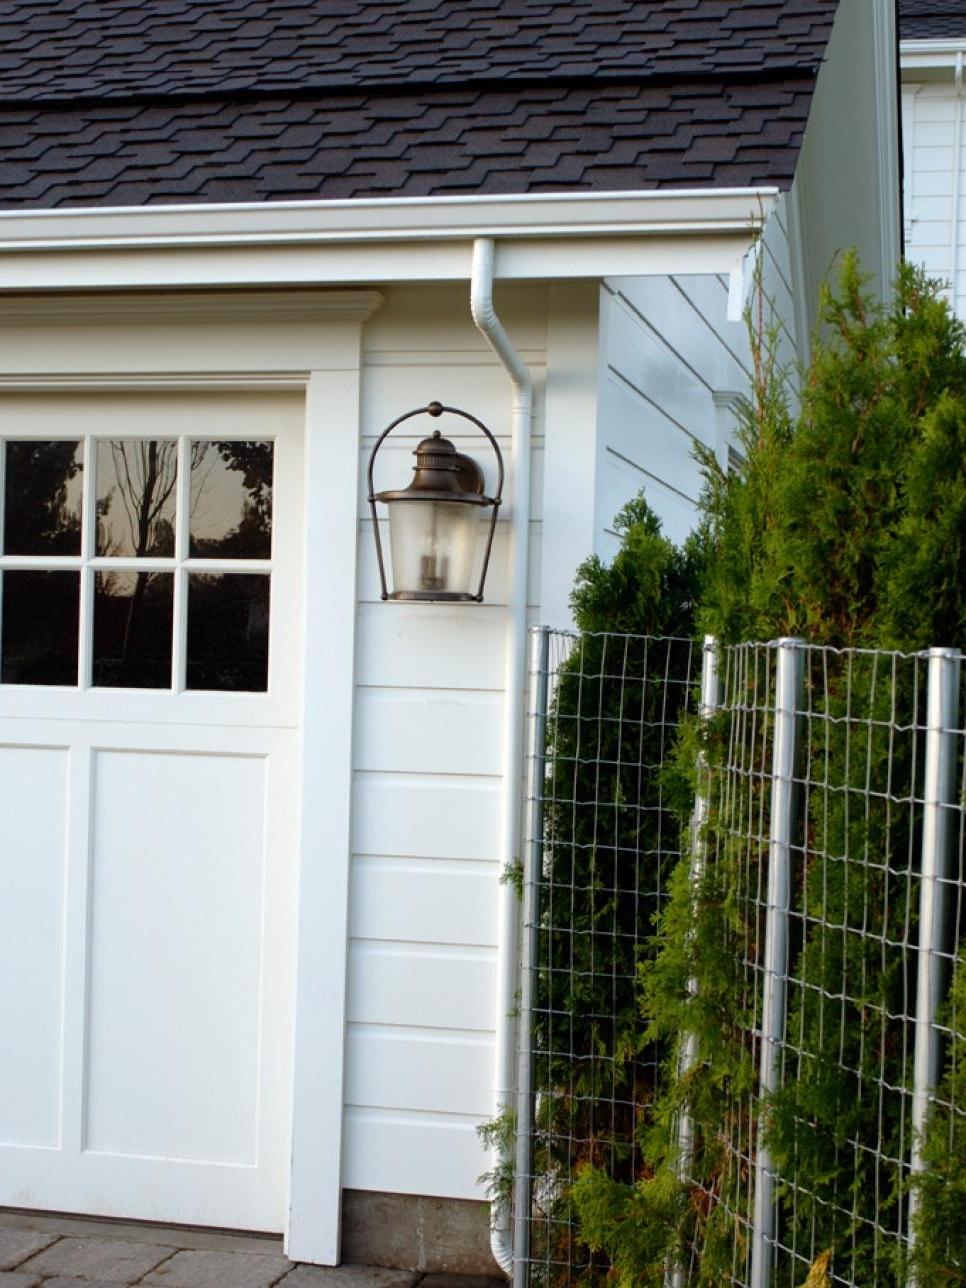 Outdoor Garage Lanterns Inside Most Popular 34 Outdoor Garage Lighting Ideas, 10 Garage Lighting Ideas Hgtv (View 9 of 20)